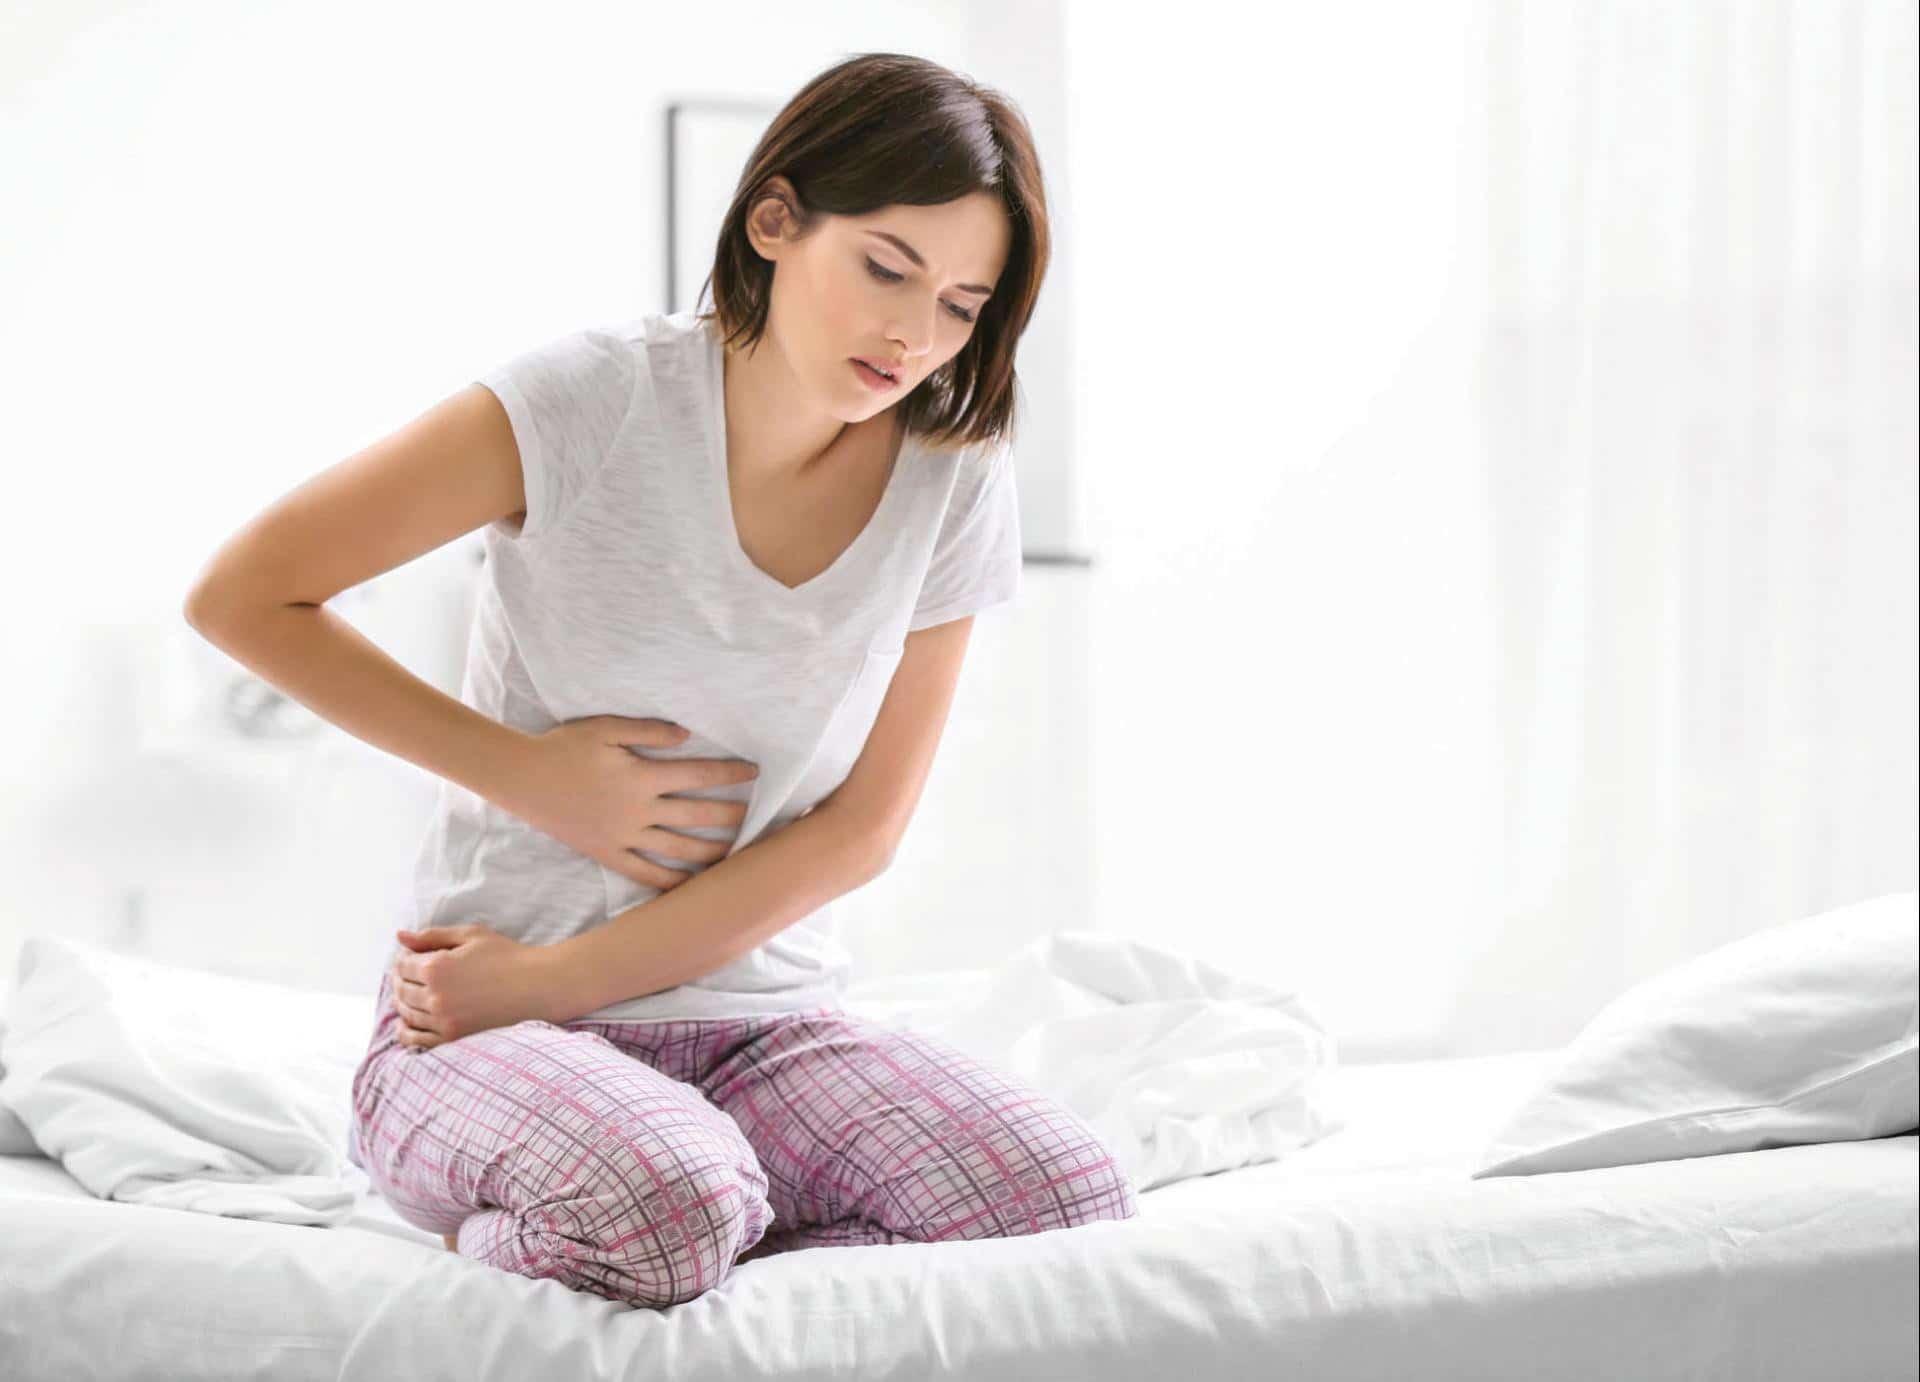 โรคไวรัสตับอักเสบ (Hepatitis) สาเหตุ ประเภทของไวรัส วิธีติดโรค วิธีป้องกัน วิธีรักษา